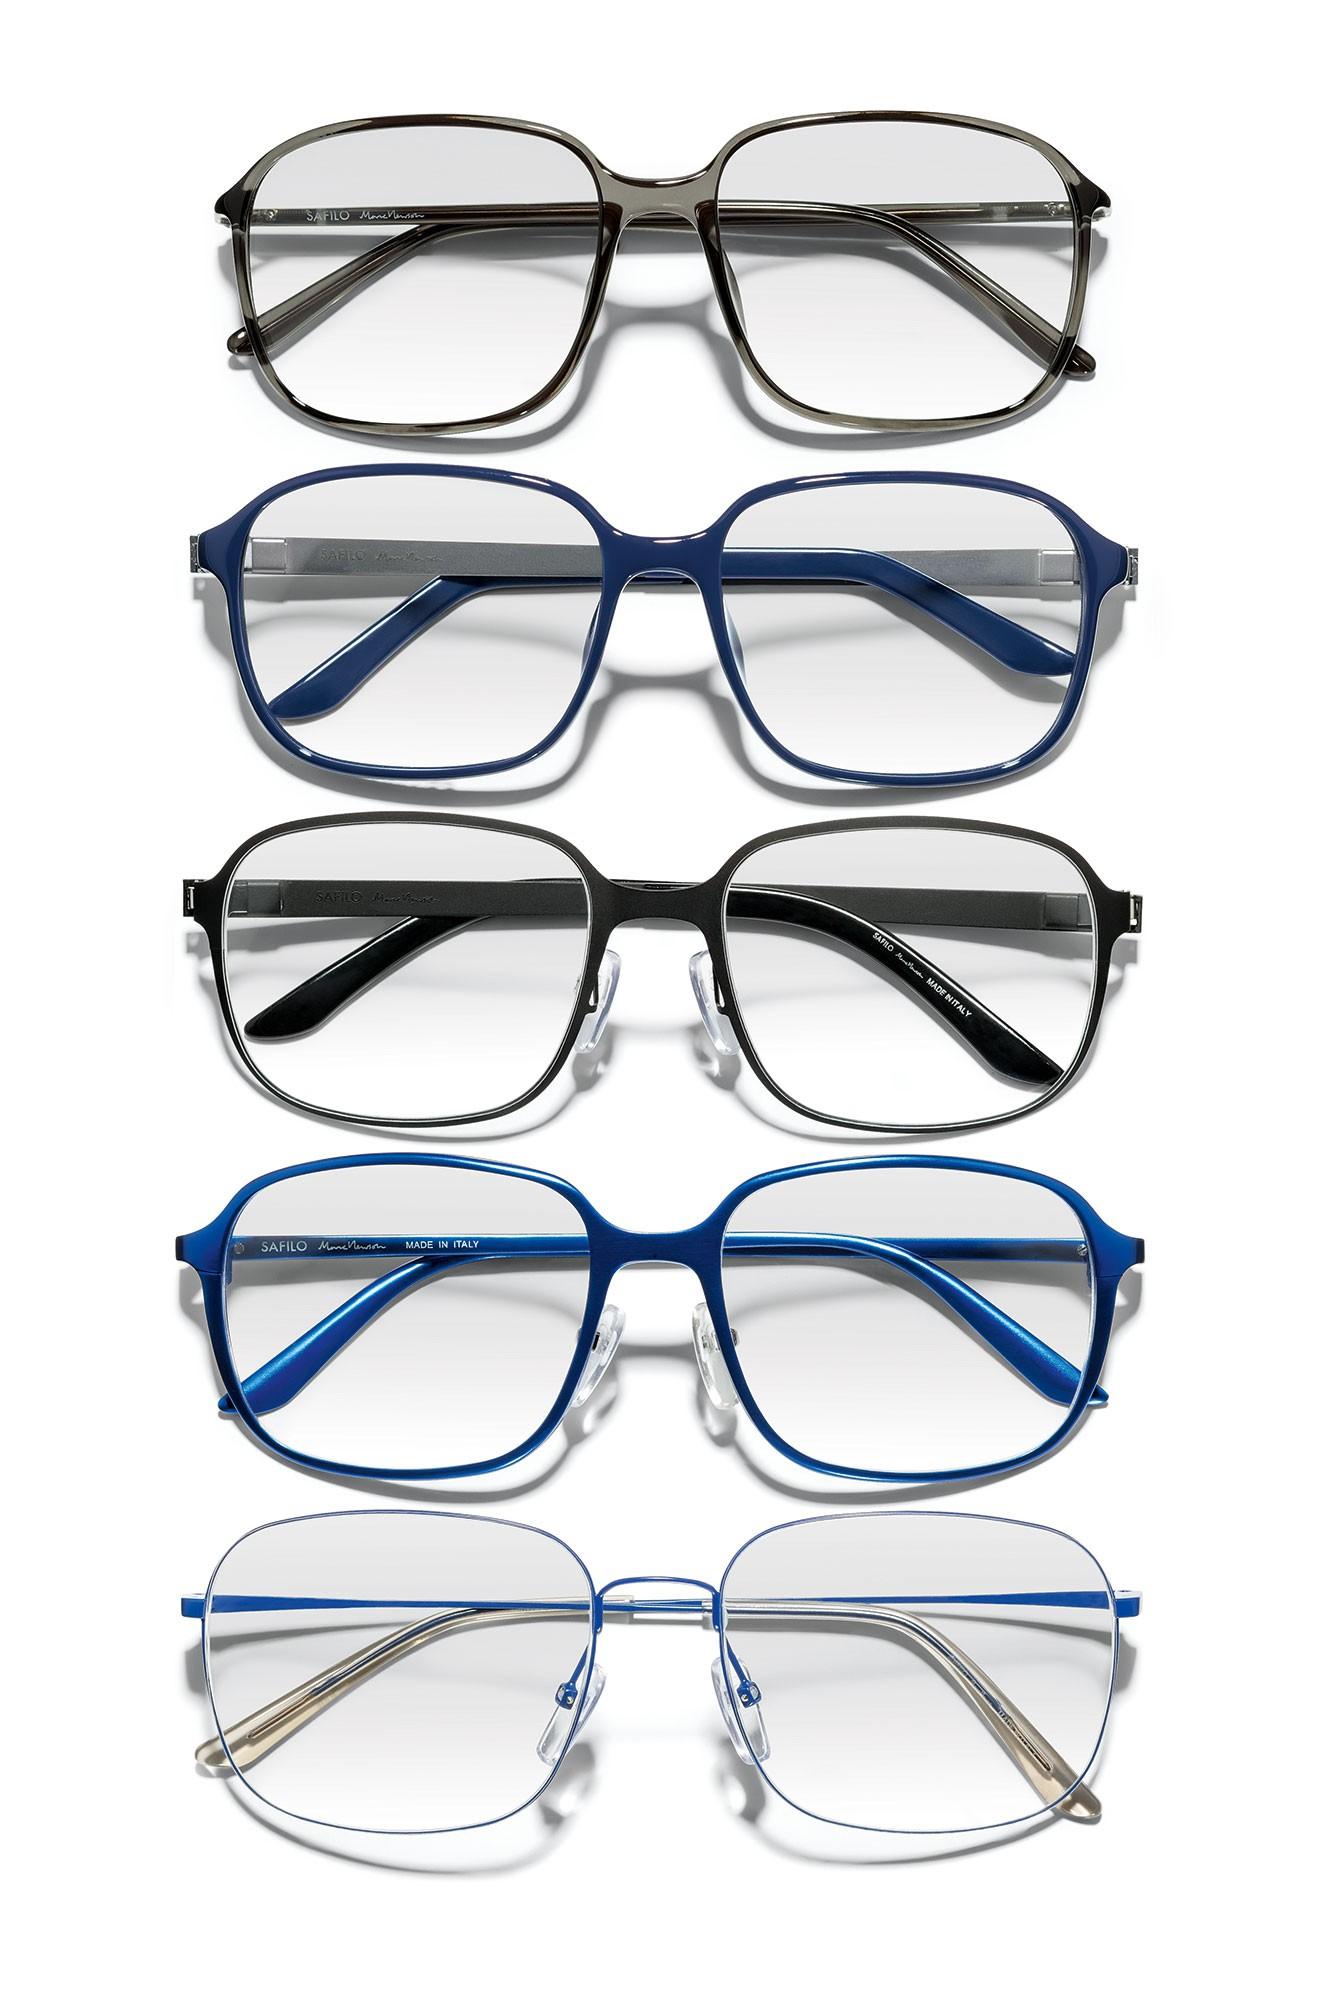 0e5e0741159 Capsule Eyewear Collection